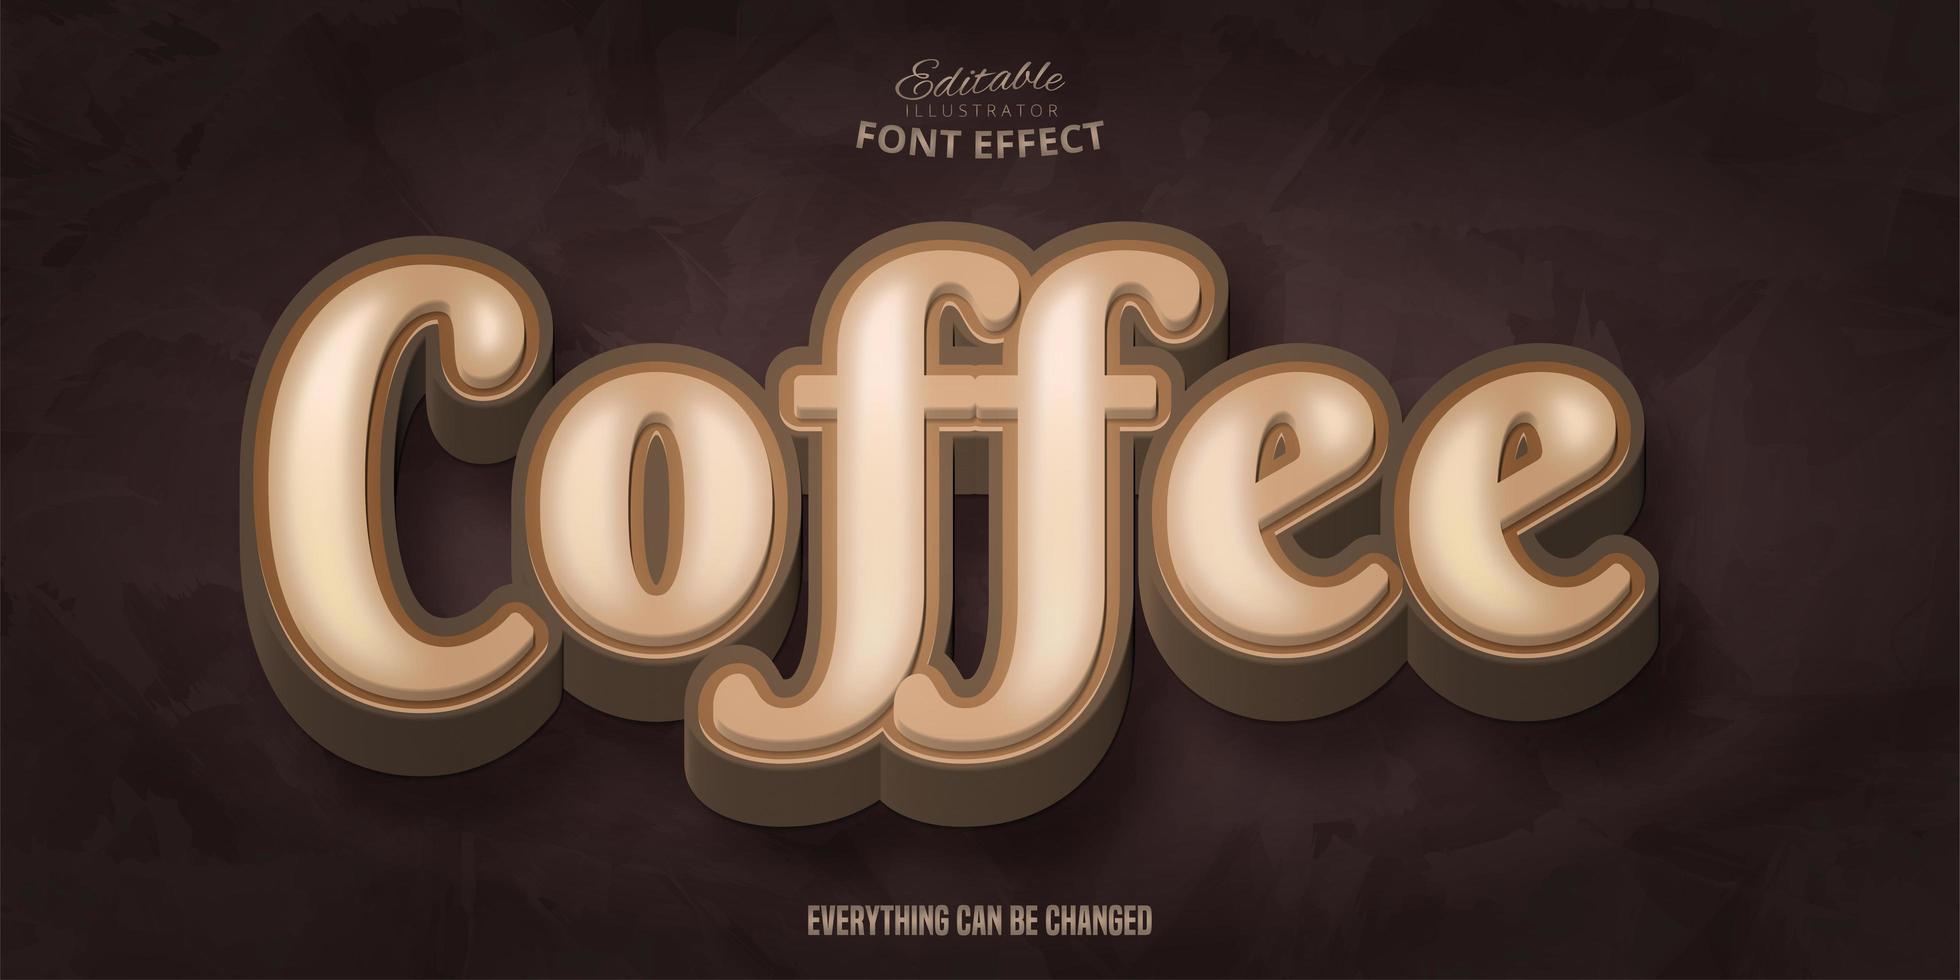 effetto carattere marrone caffè vettore